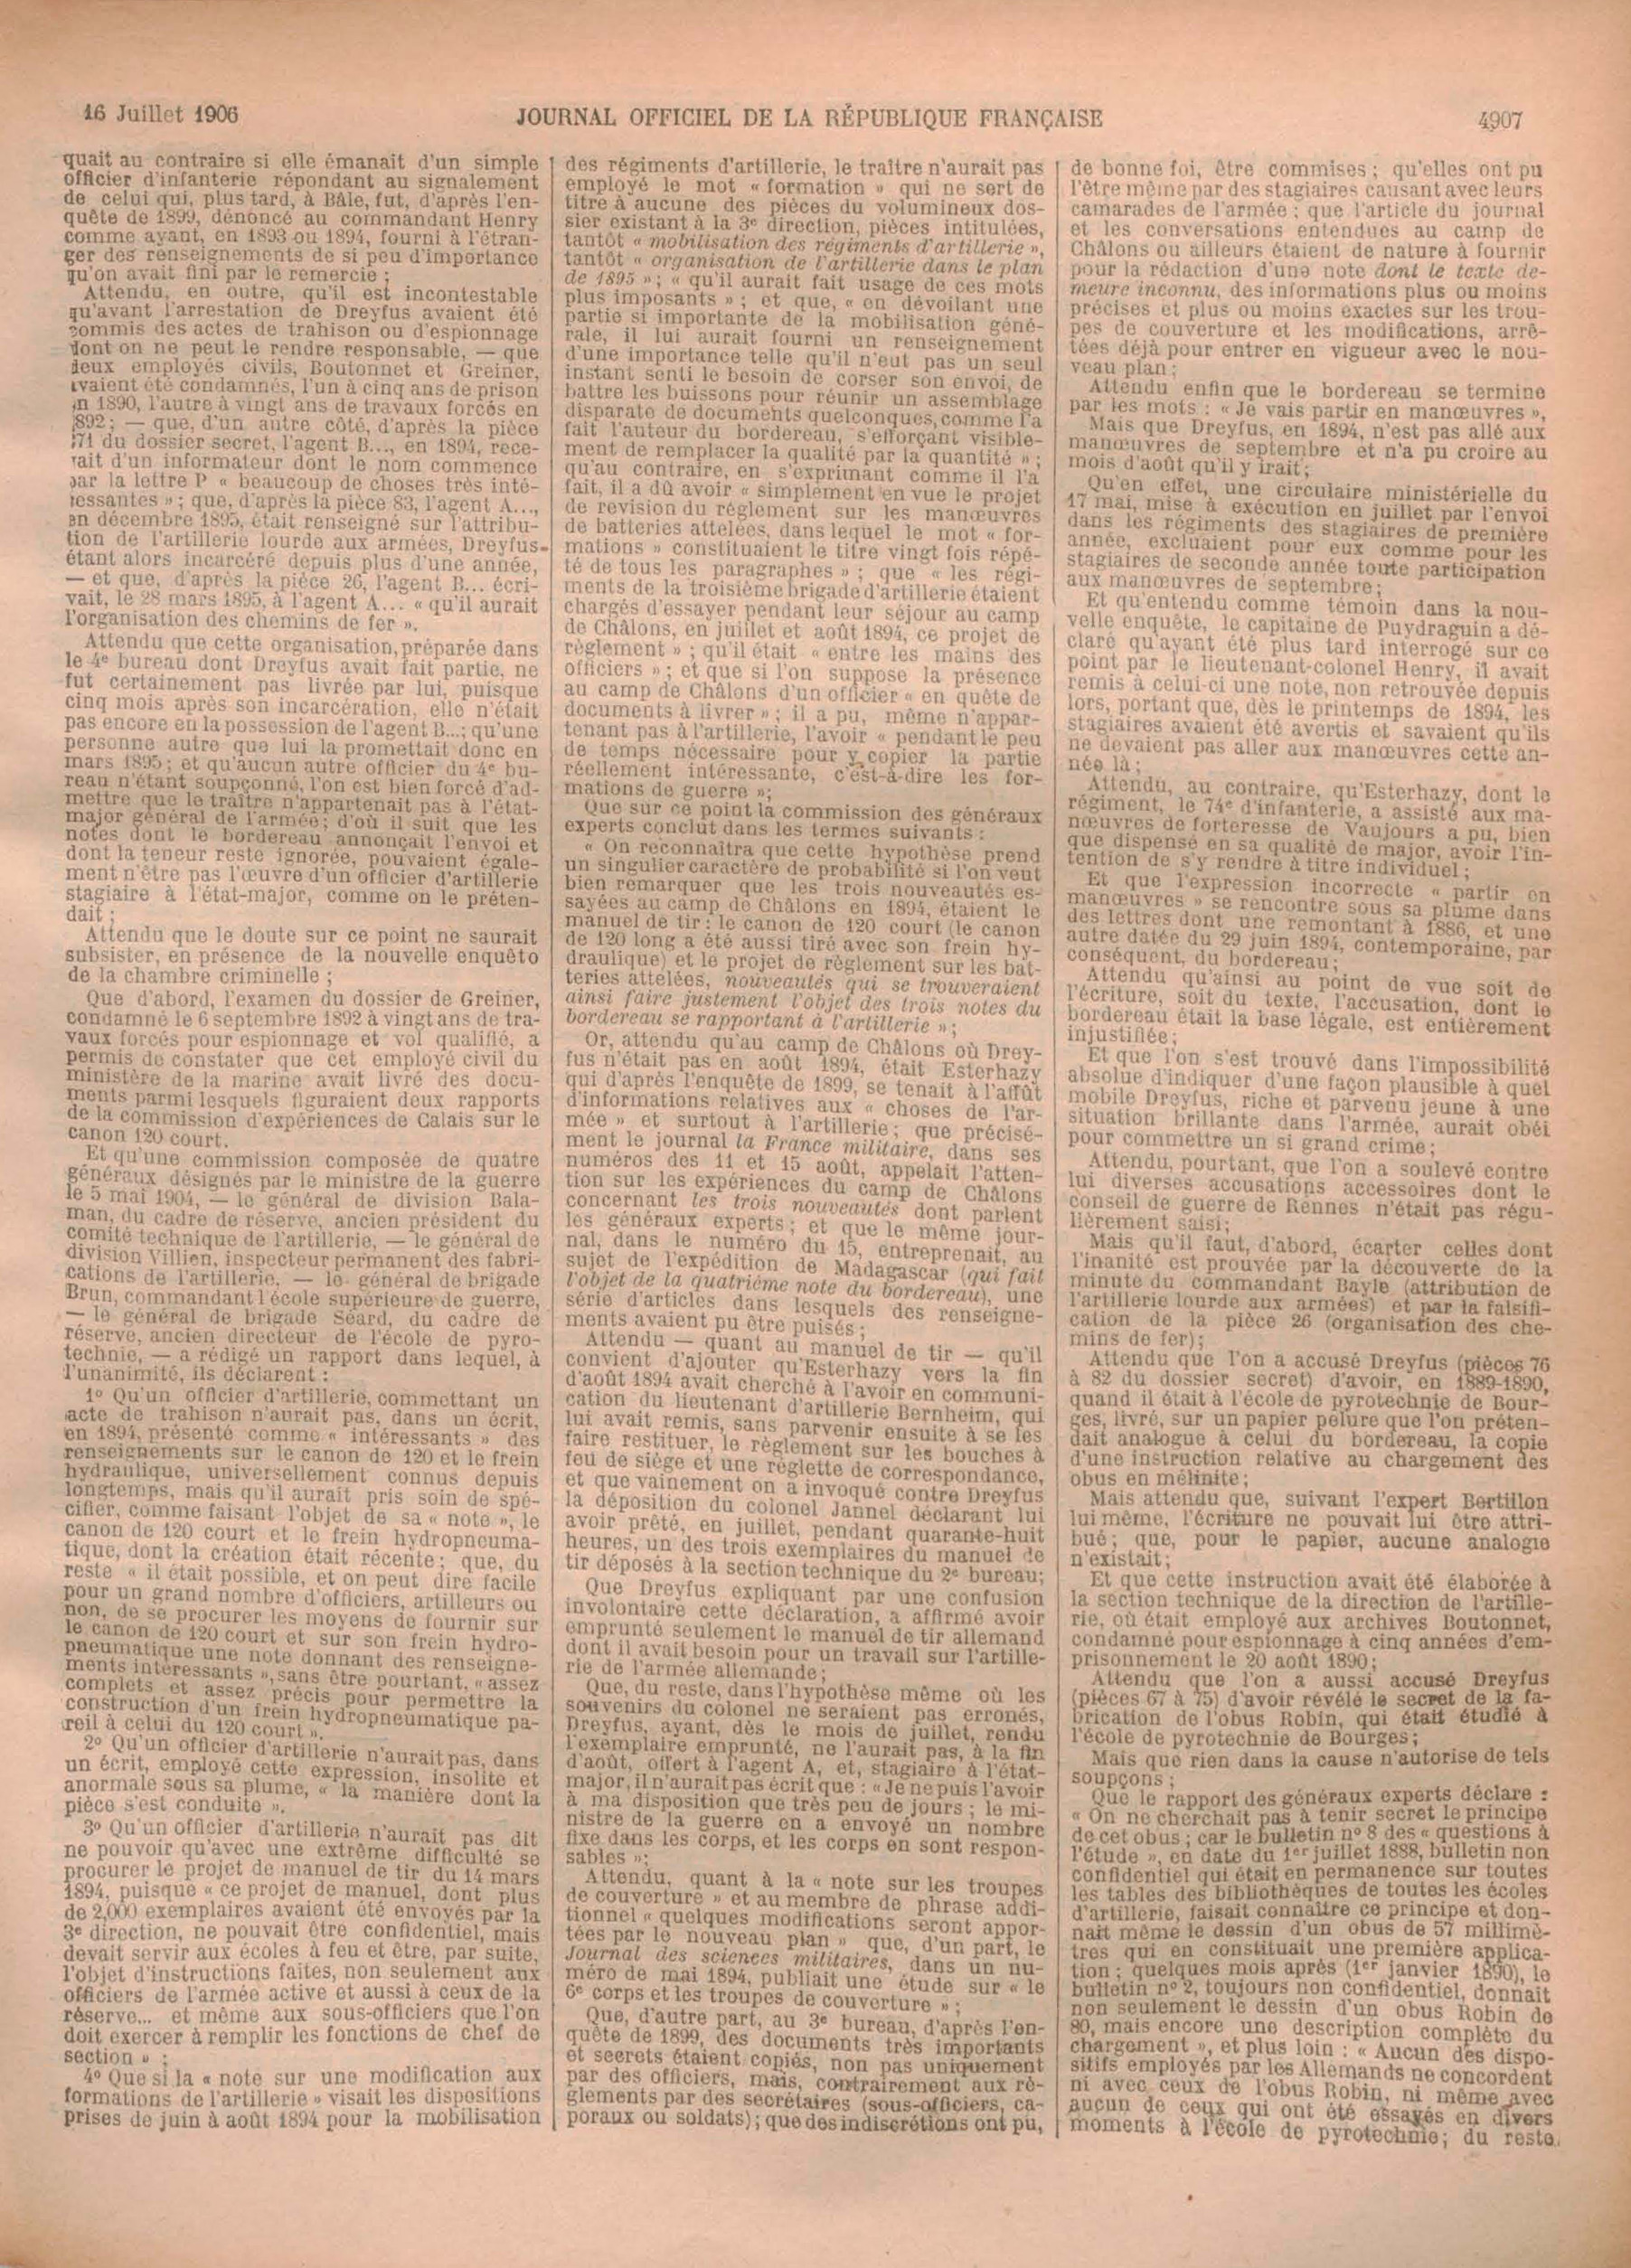 http://expo-paulviollet.univ-paris1.fr/wp-content/uploads/2017/09/Journal_officiel_de_la_République_minutes-cour-de-cass-12-juillet-1906_Page_4.jpg